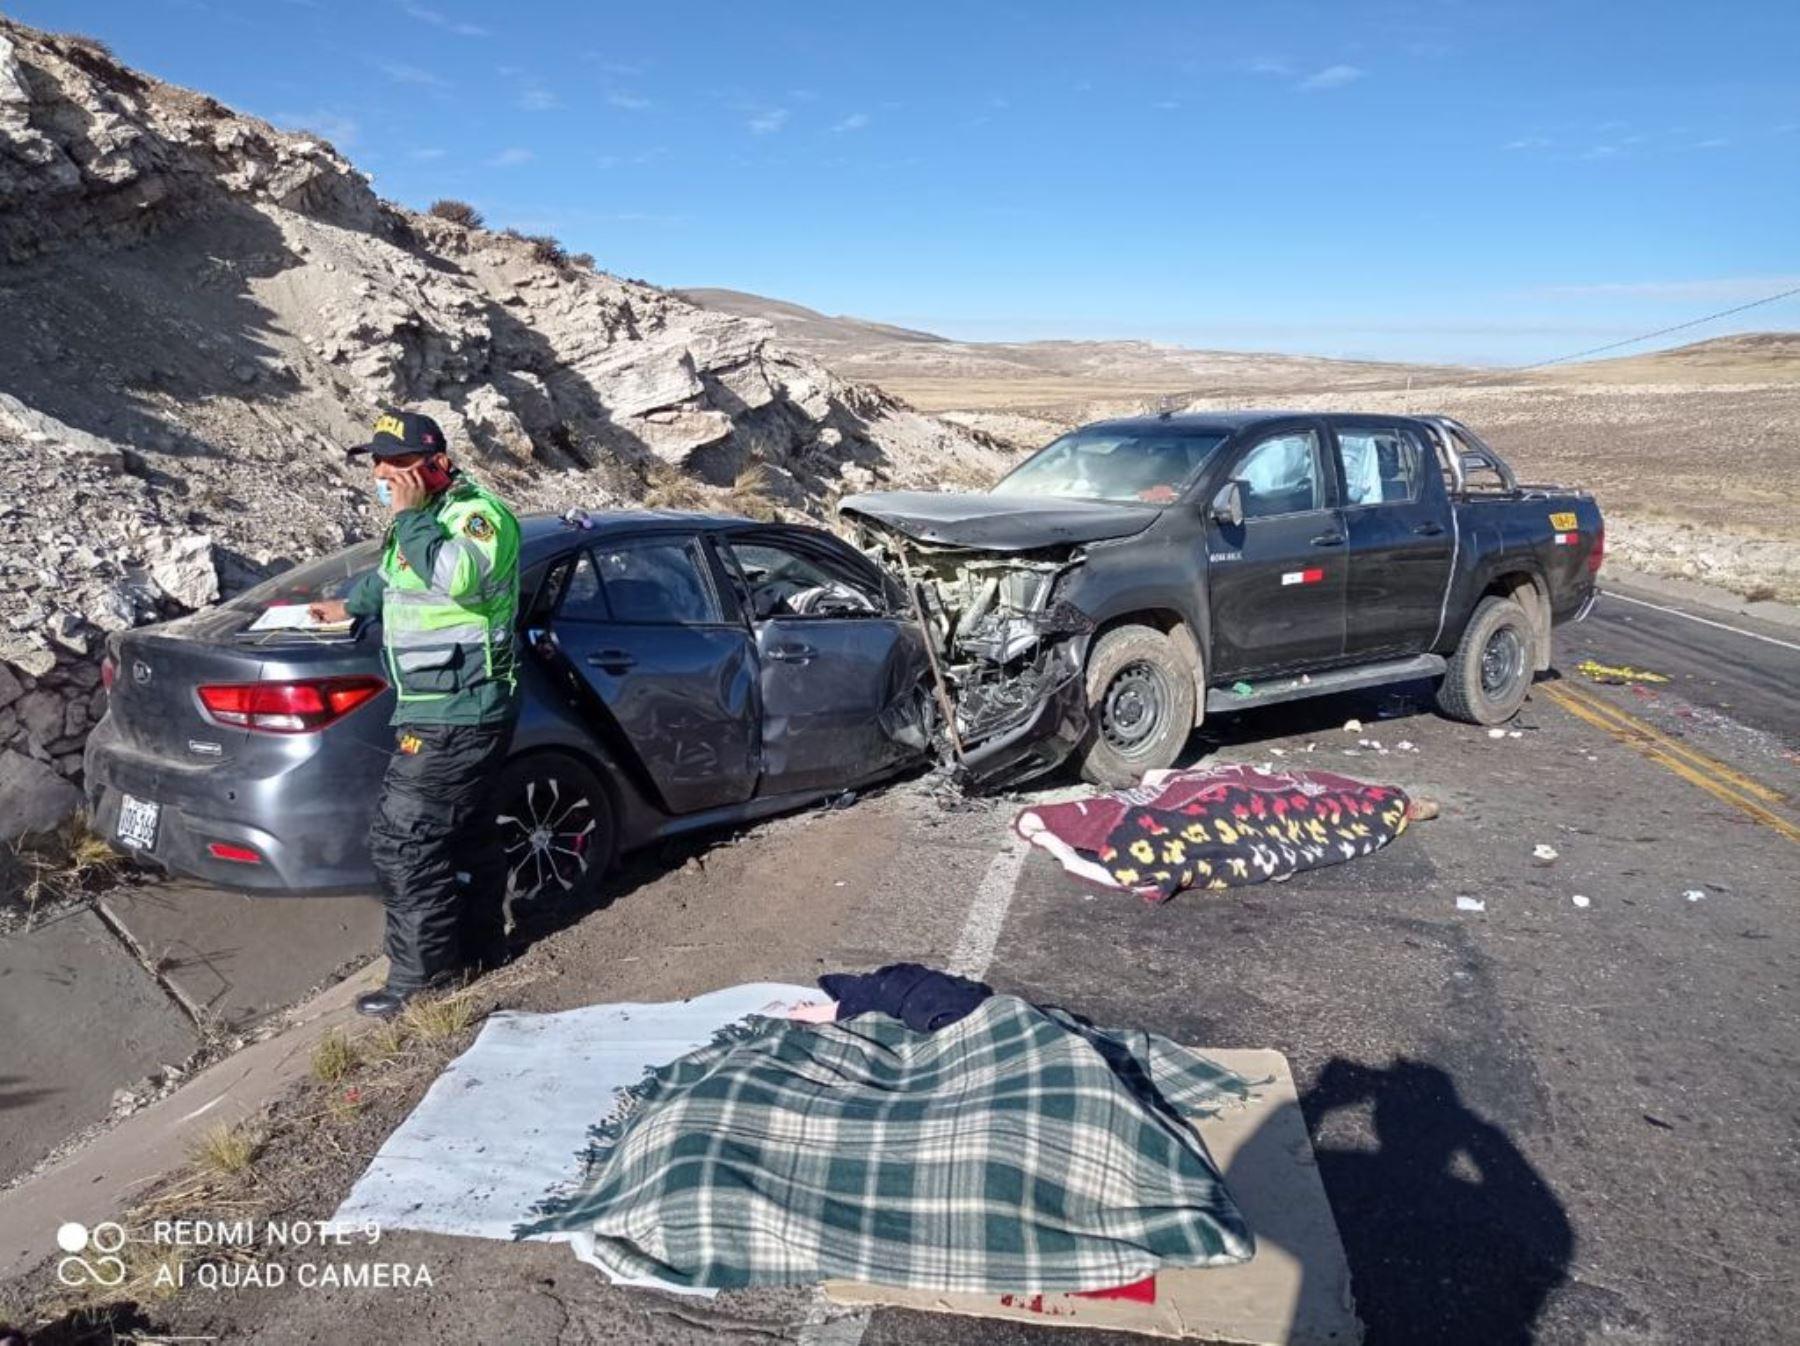 Cuatro personas mueren tras choque frontal de autos en vía Arequipa-Puno